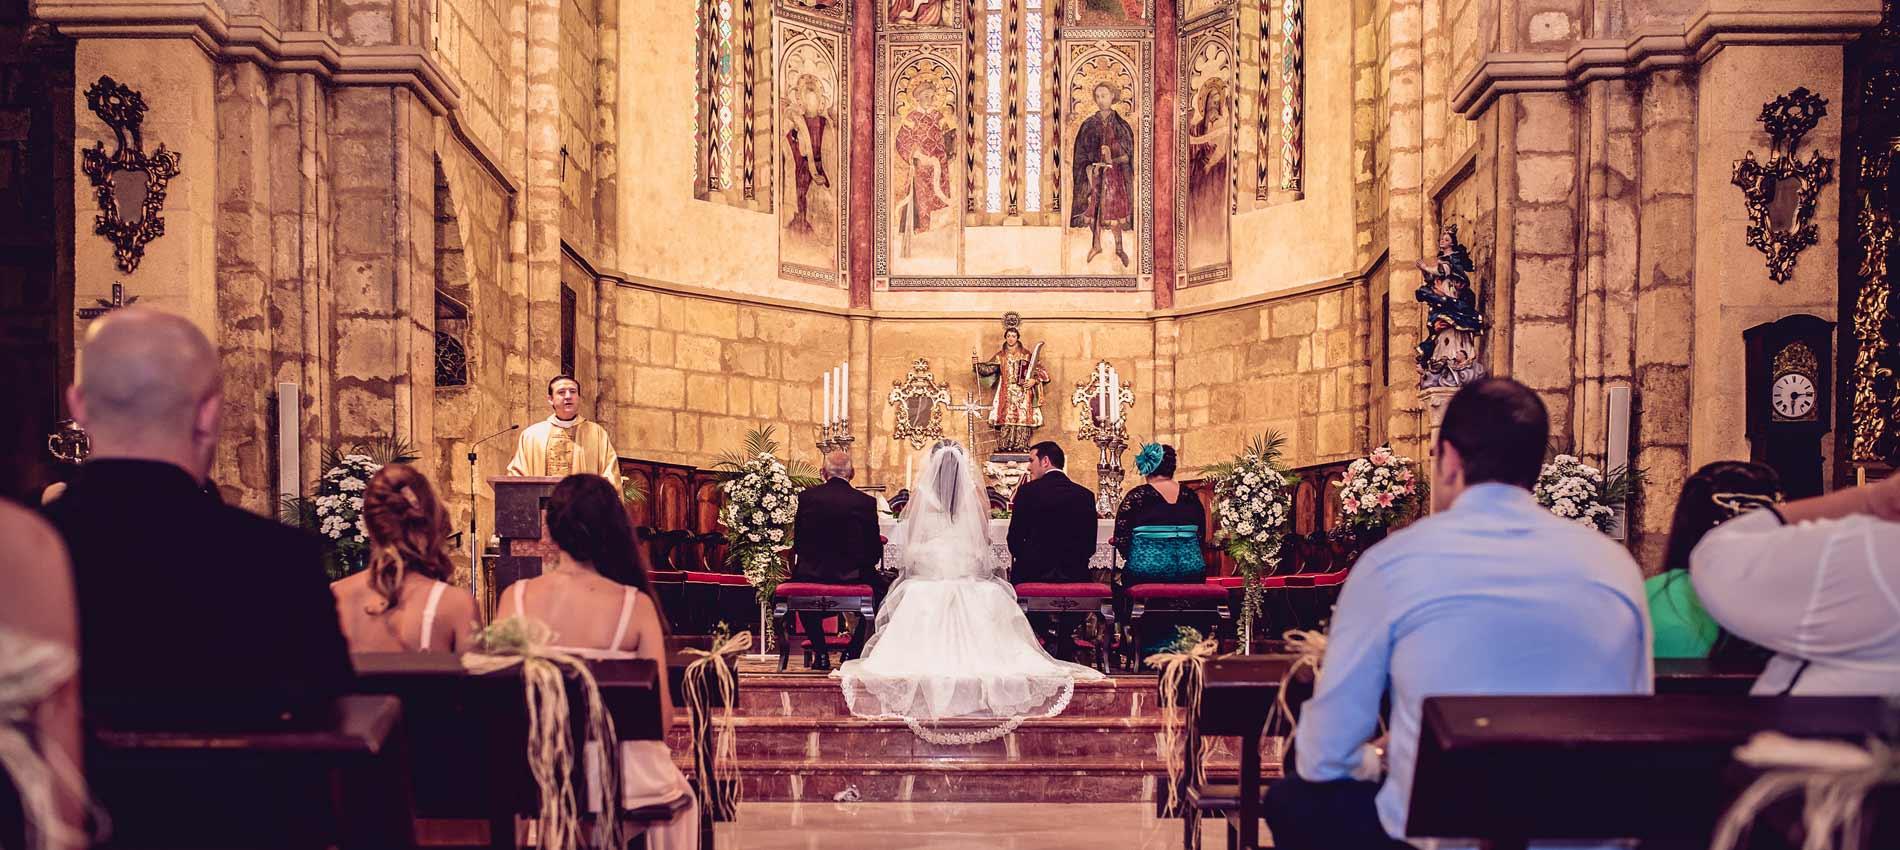 Reportajes de boda en Sevilla y Cordoba, ceremonia en la iglesia